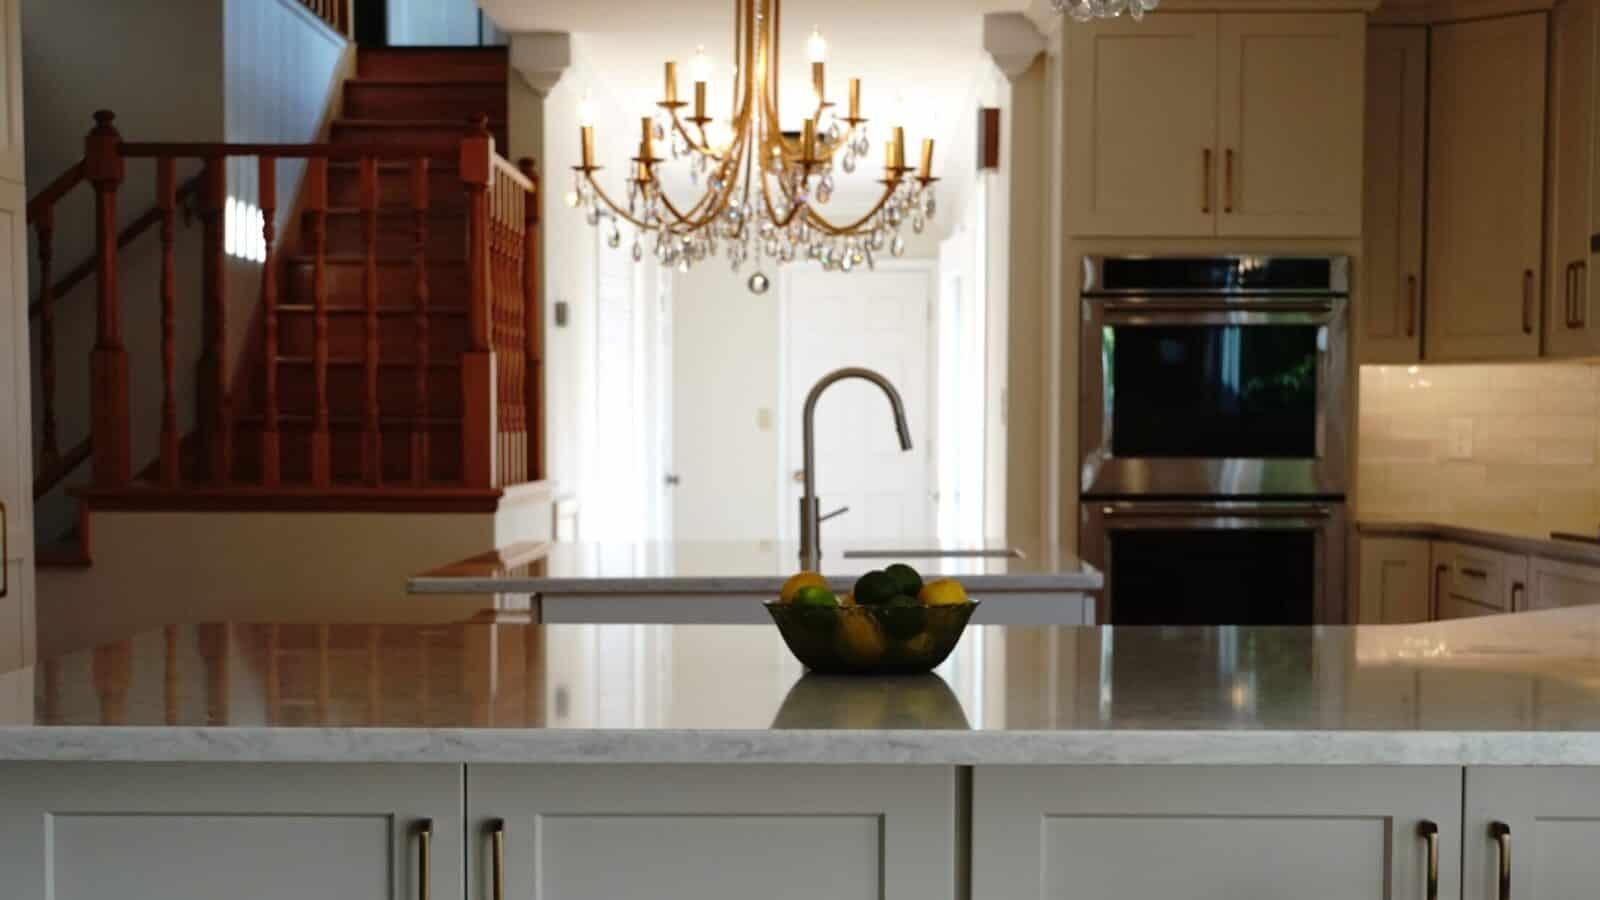 Lynchburg Kitchen Remodel by Appomattox Remodeler